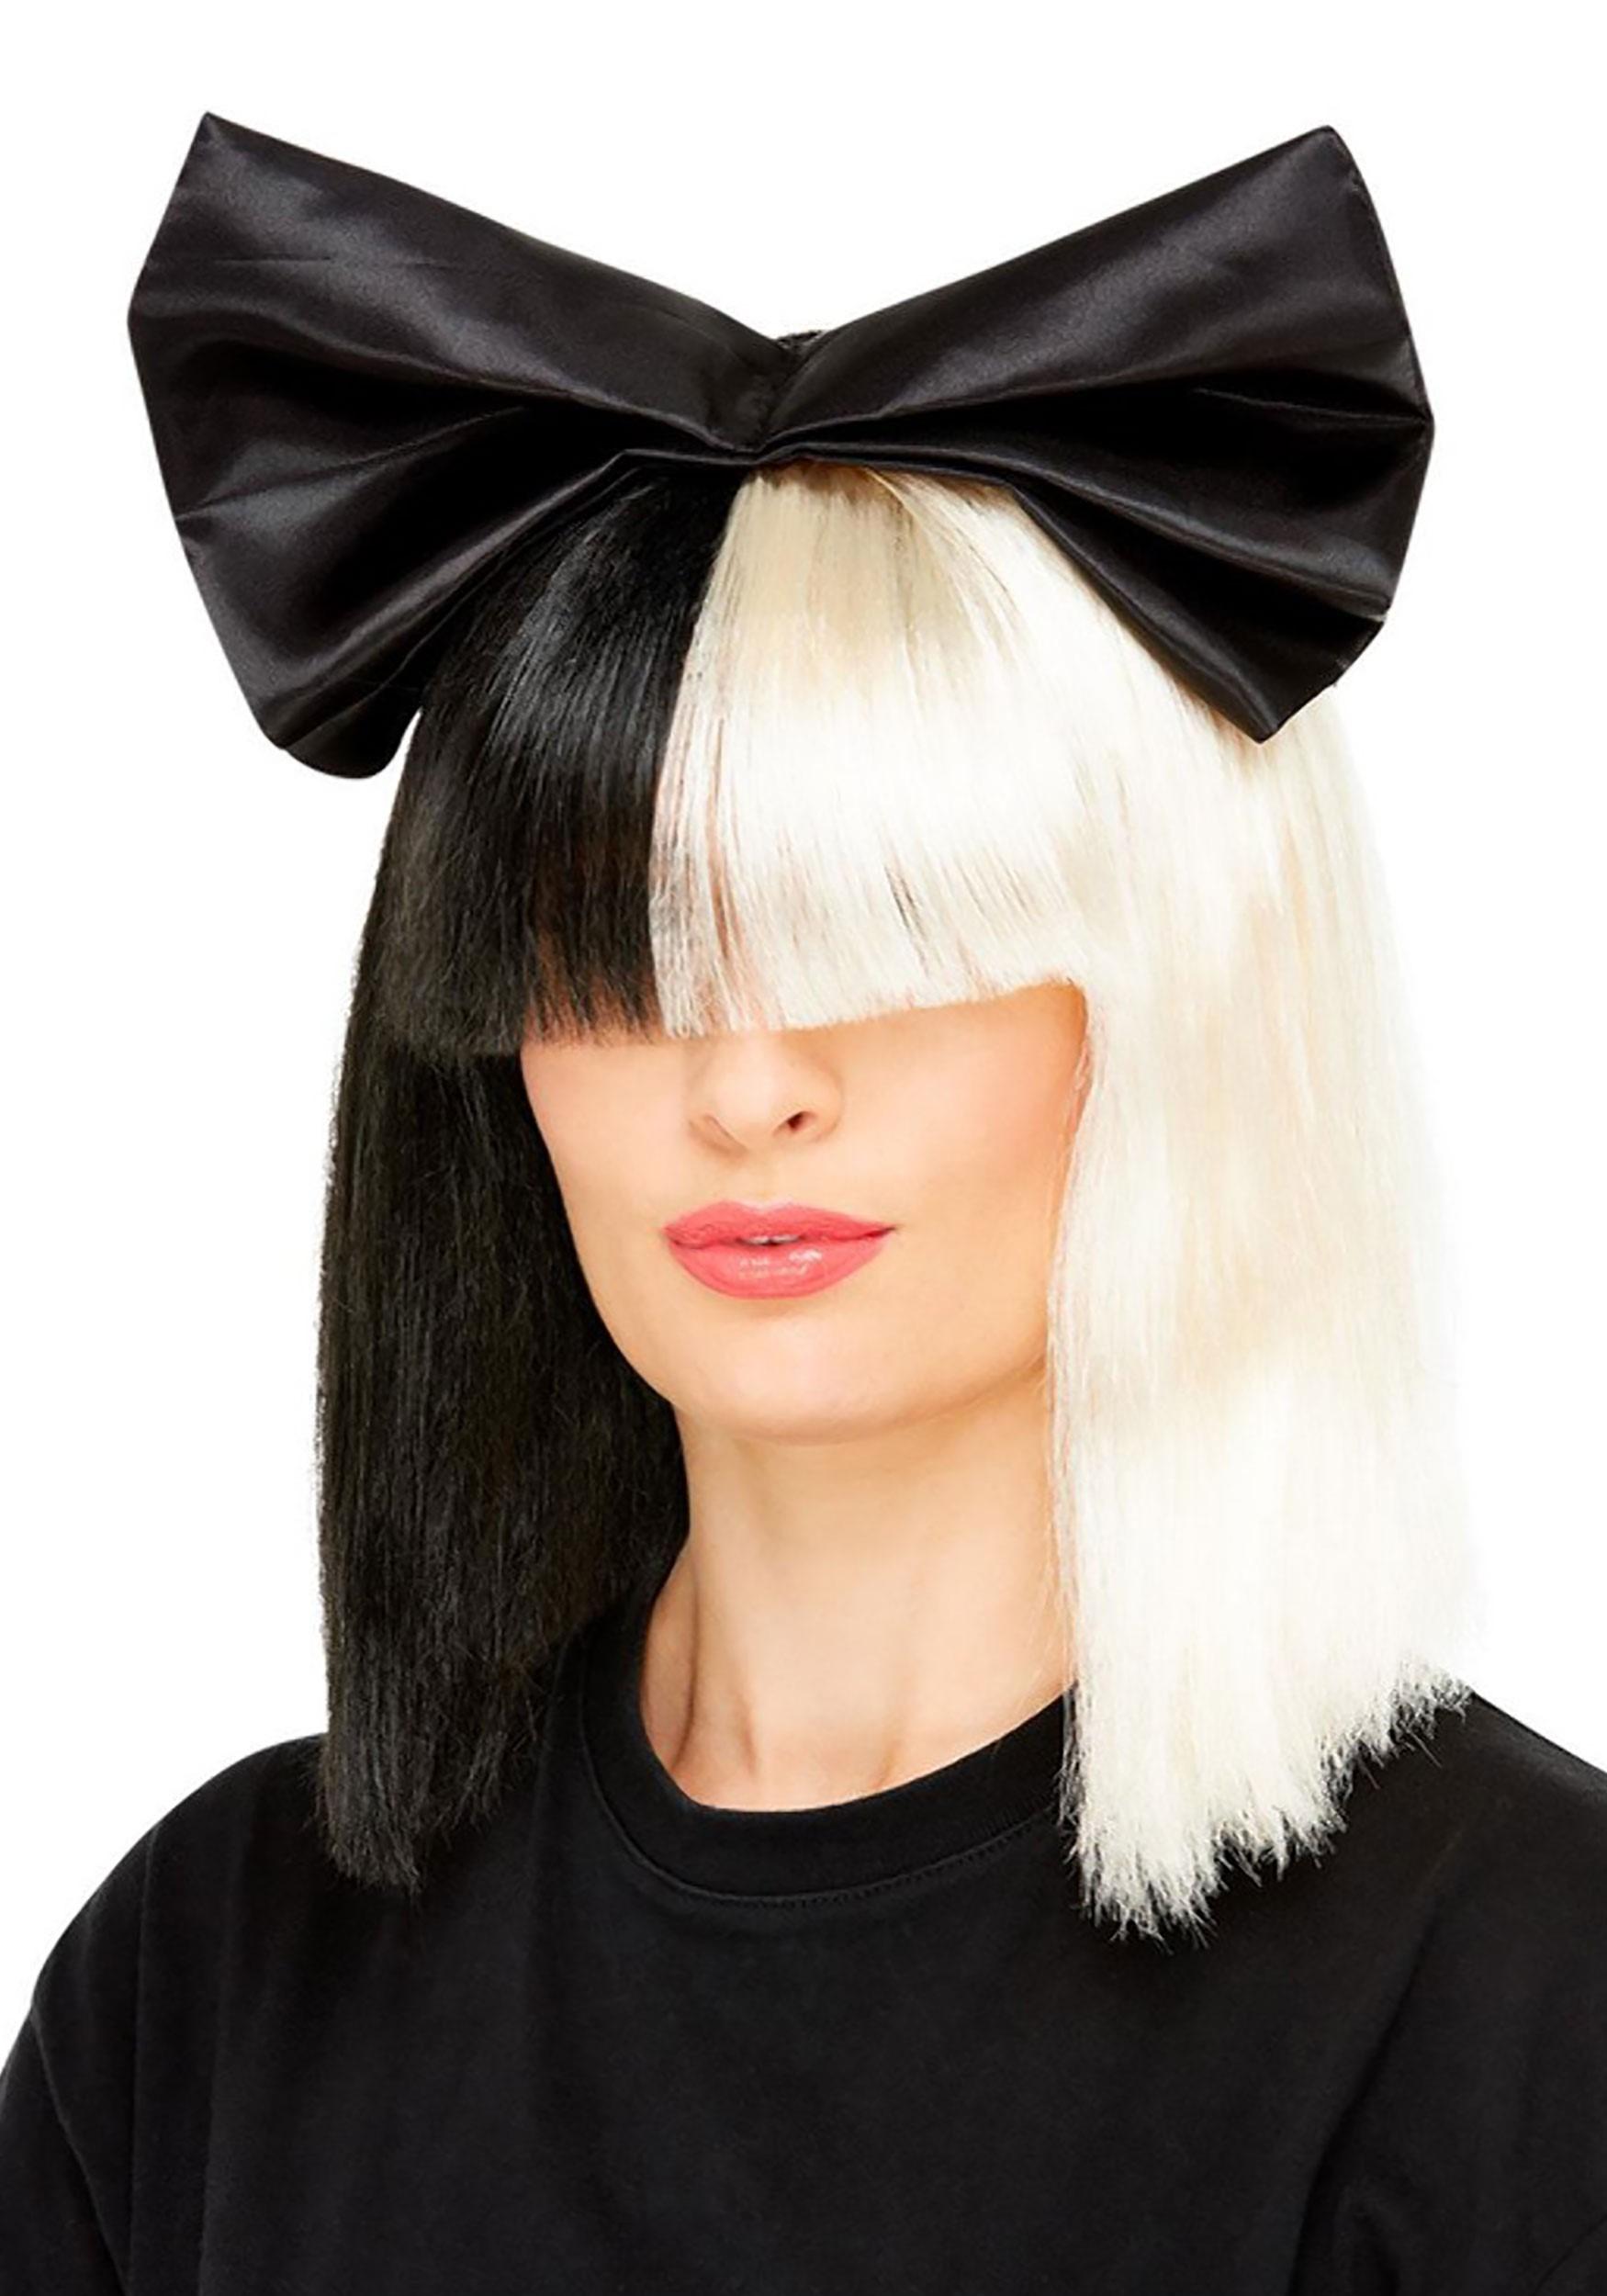 Women's Two-Tone Popstar Wig